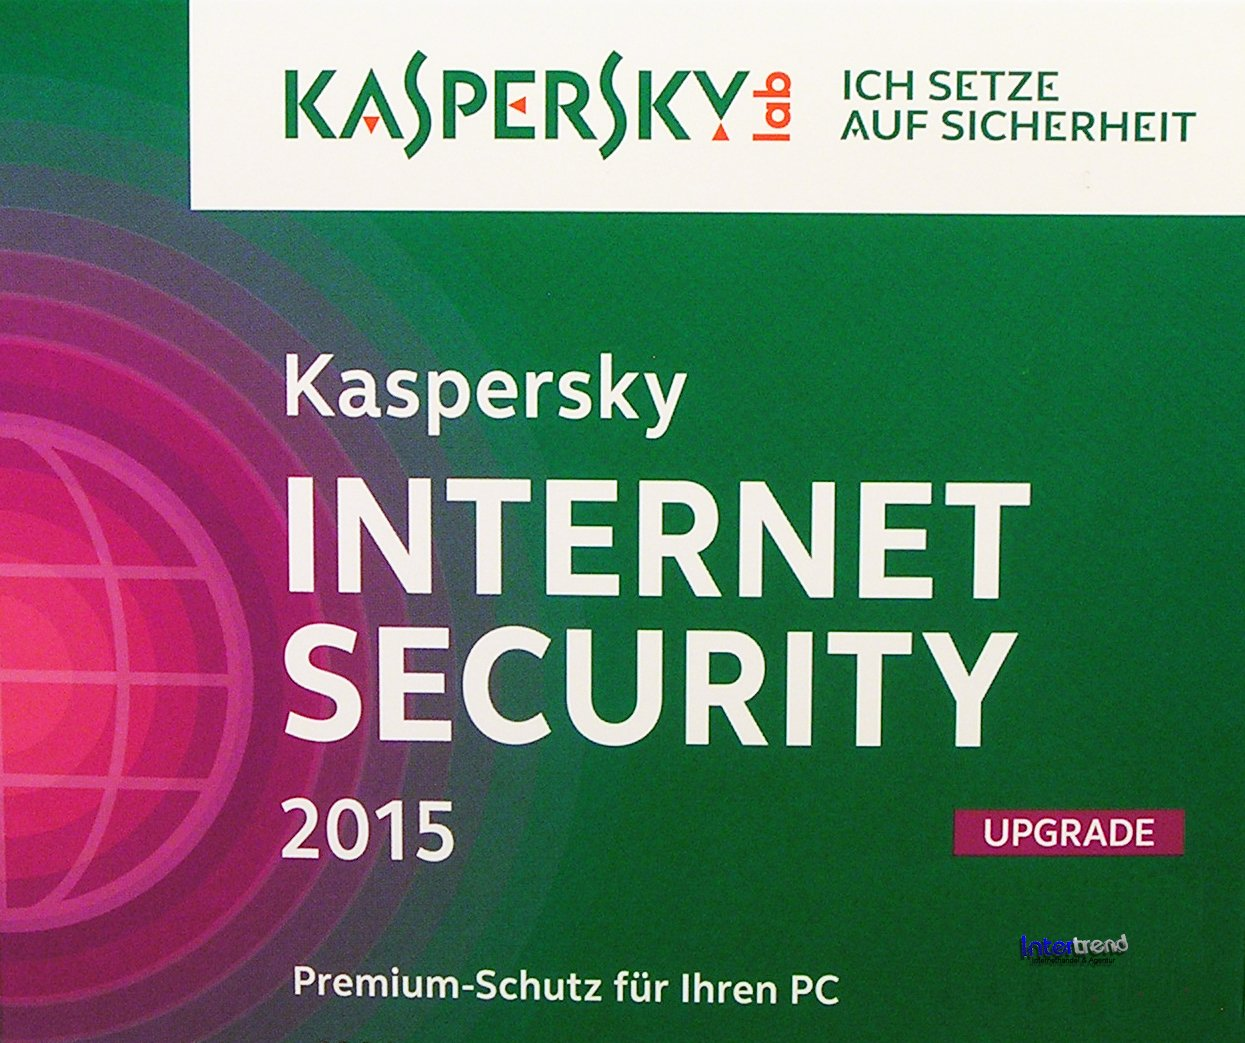 kaspersky internet security 2015 upgrade 1 pc 2 jahre. Black Bedroom Furniture Sets. Home Design Ideas